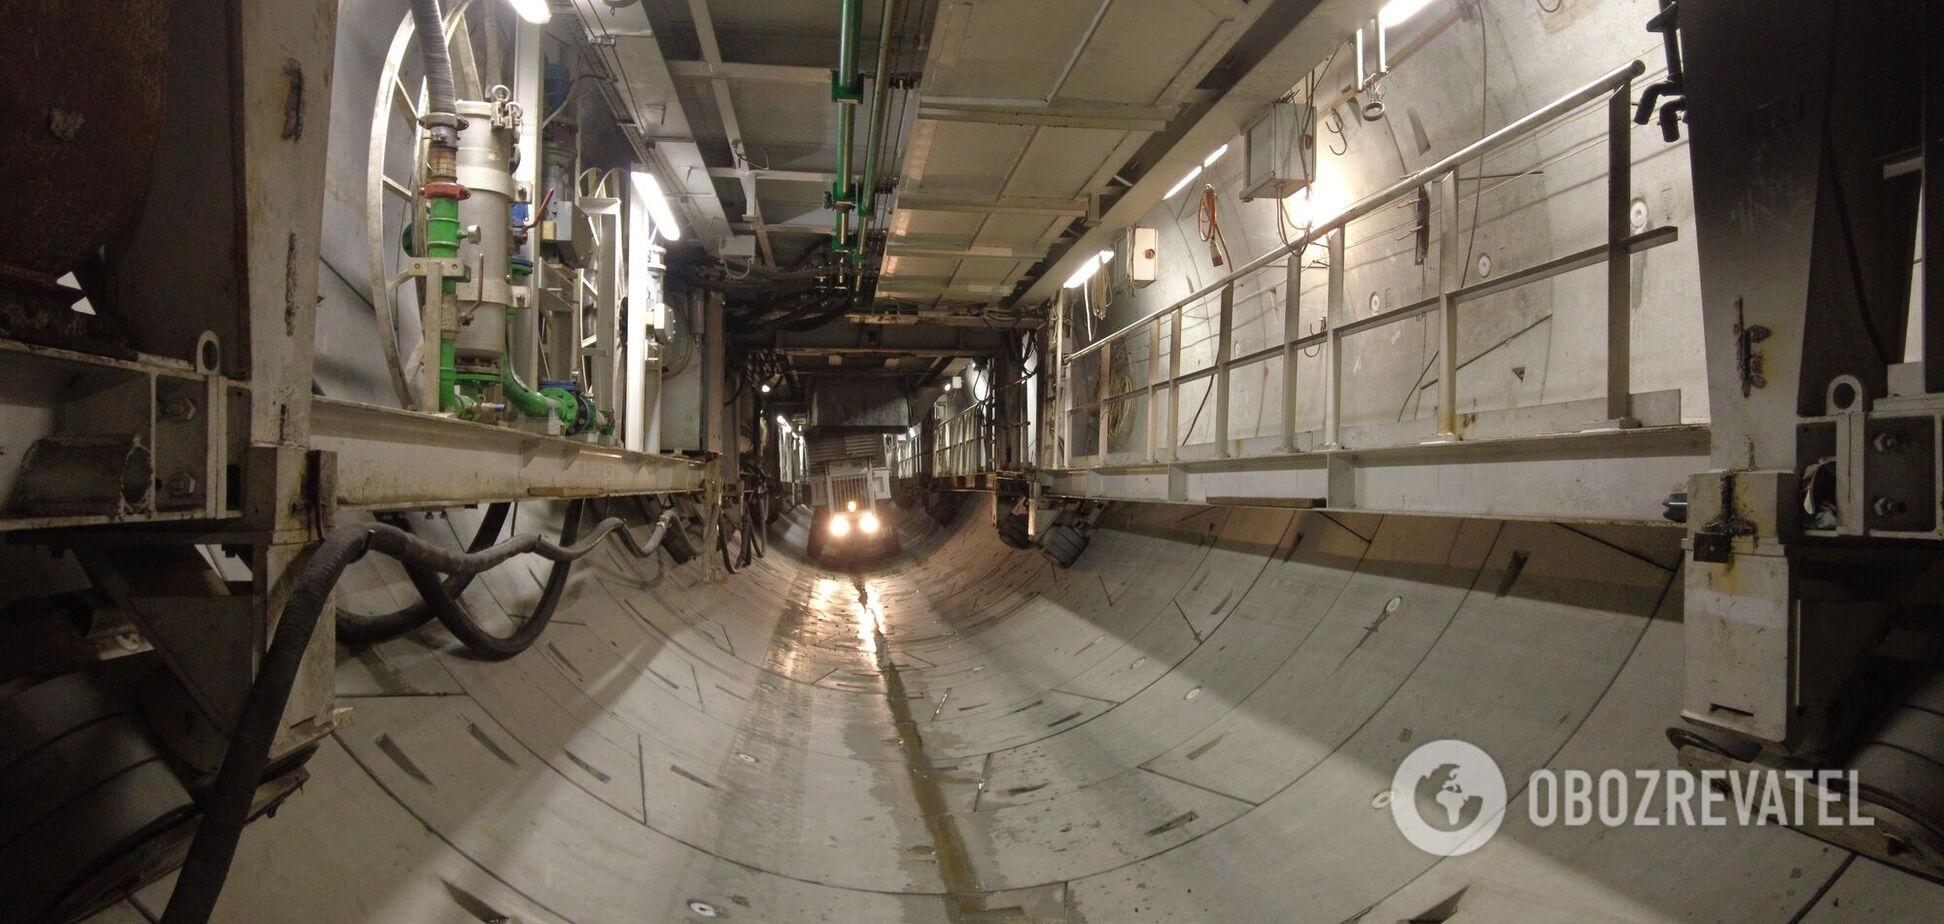 В Киеве, несмотря на локдаун, строят метро на Виноградарь